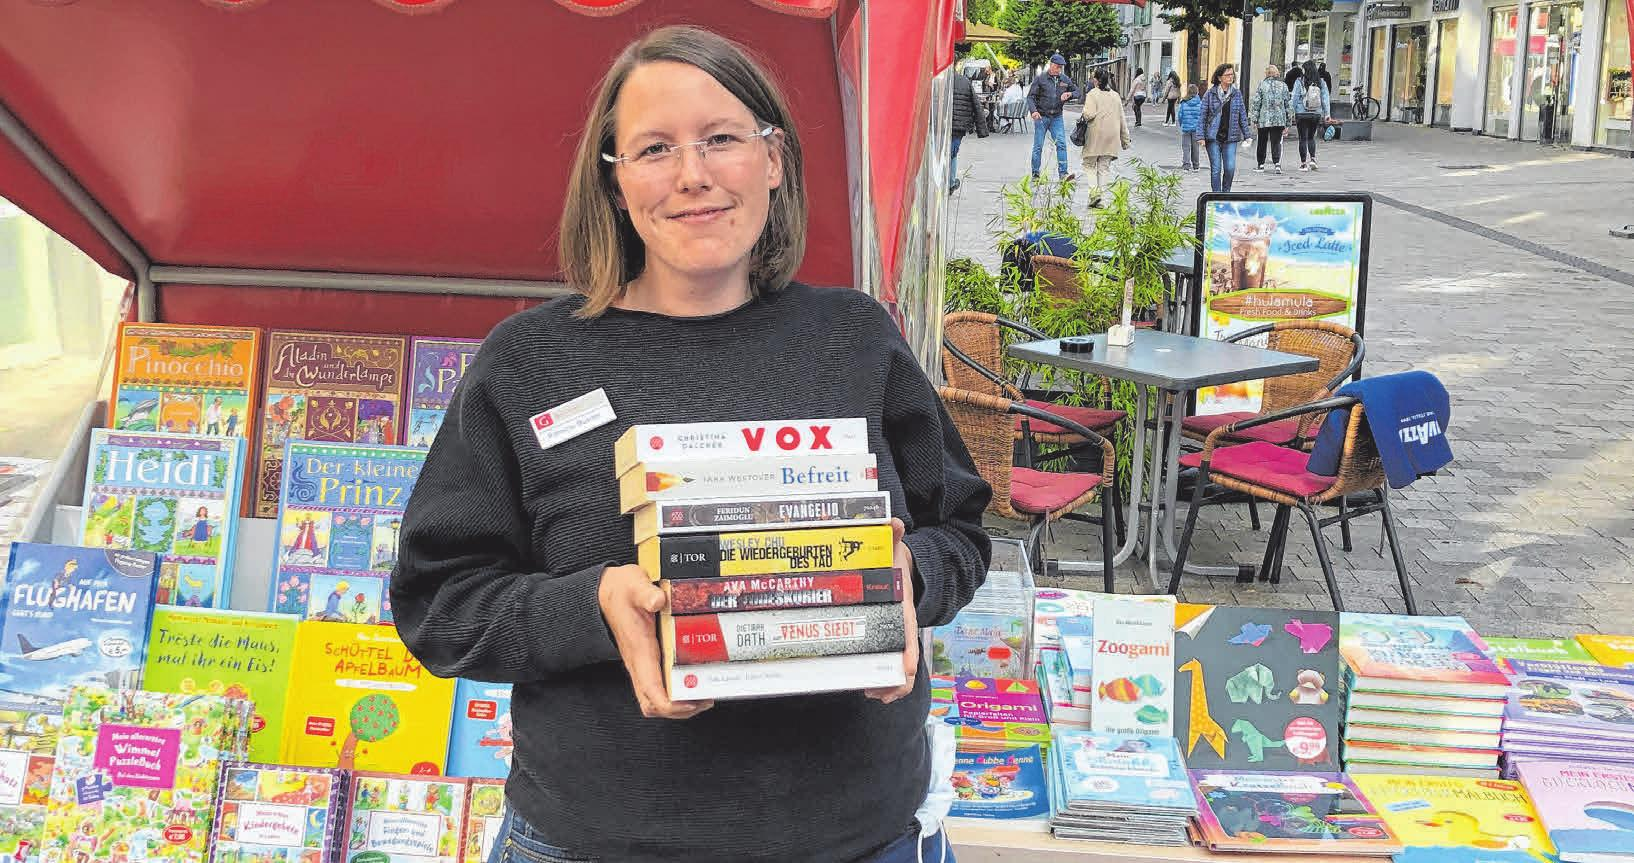 Patricia Bühler von Buch Greuter steckt schon mitten in den Vorbereitungen für den Bücher Schnäppchen Markt zum verkaufsoffenen Sonntag FOTO: BUCH GREUTER